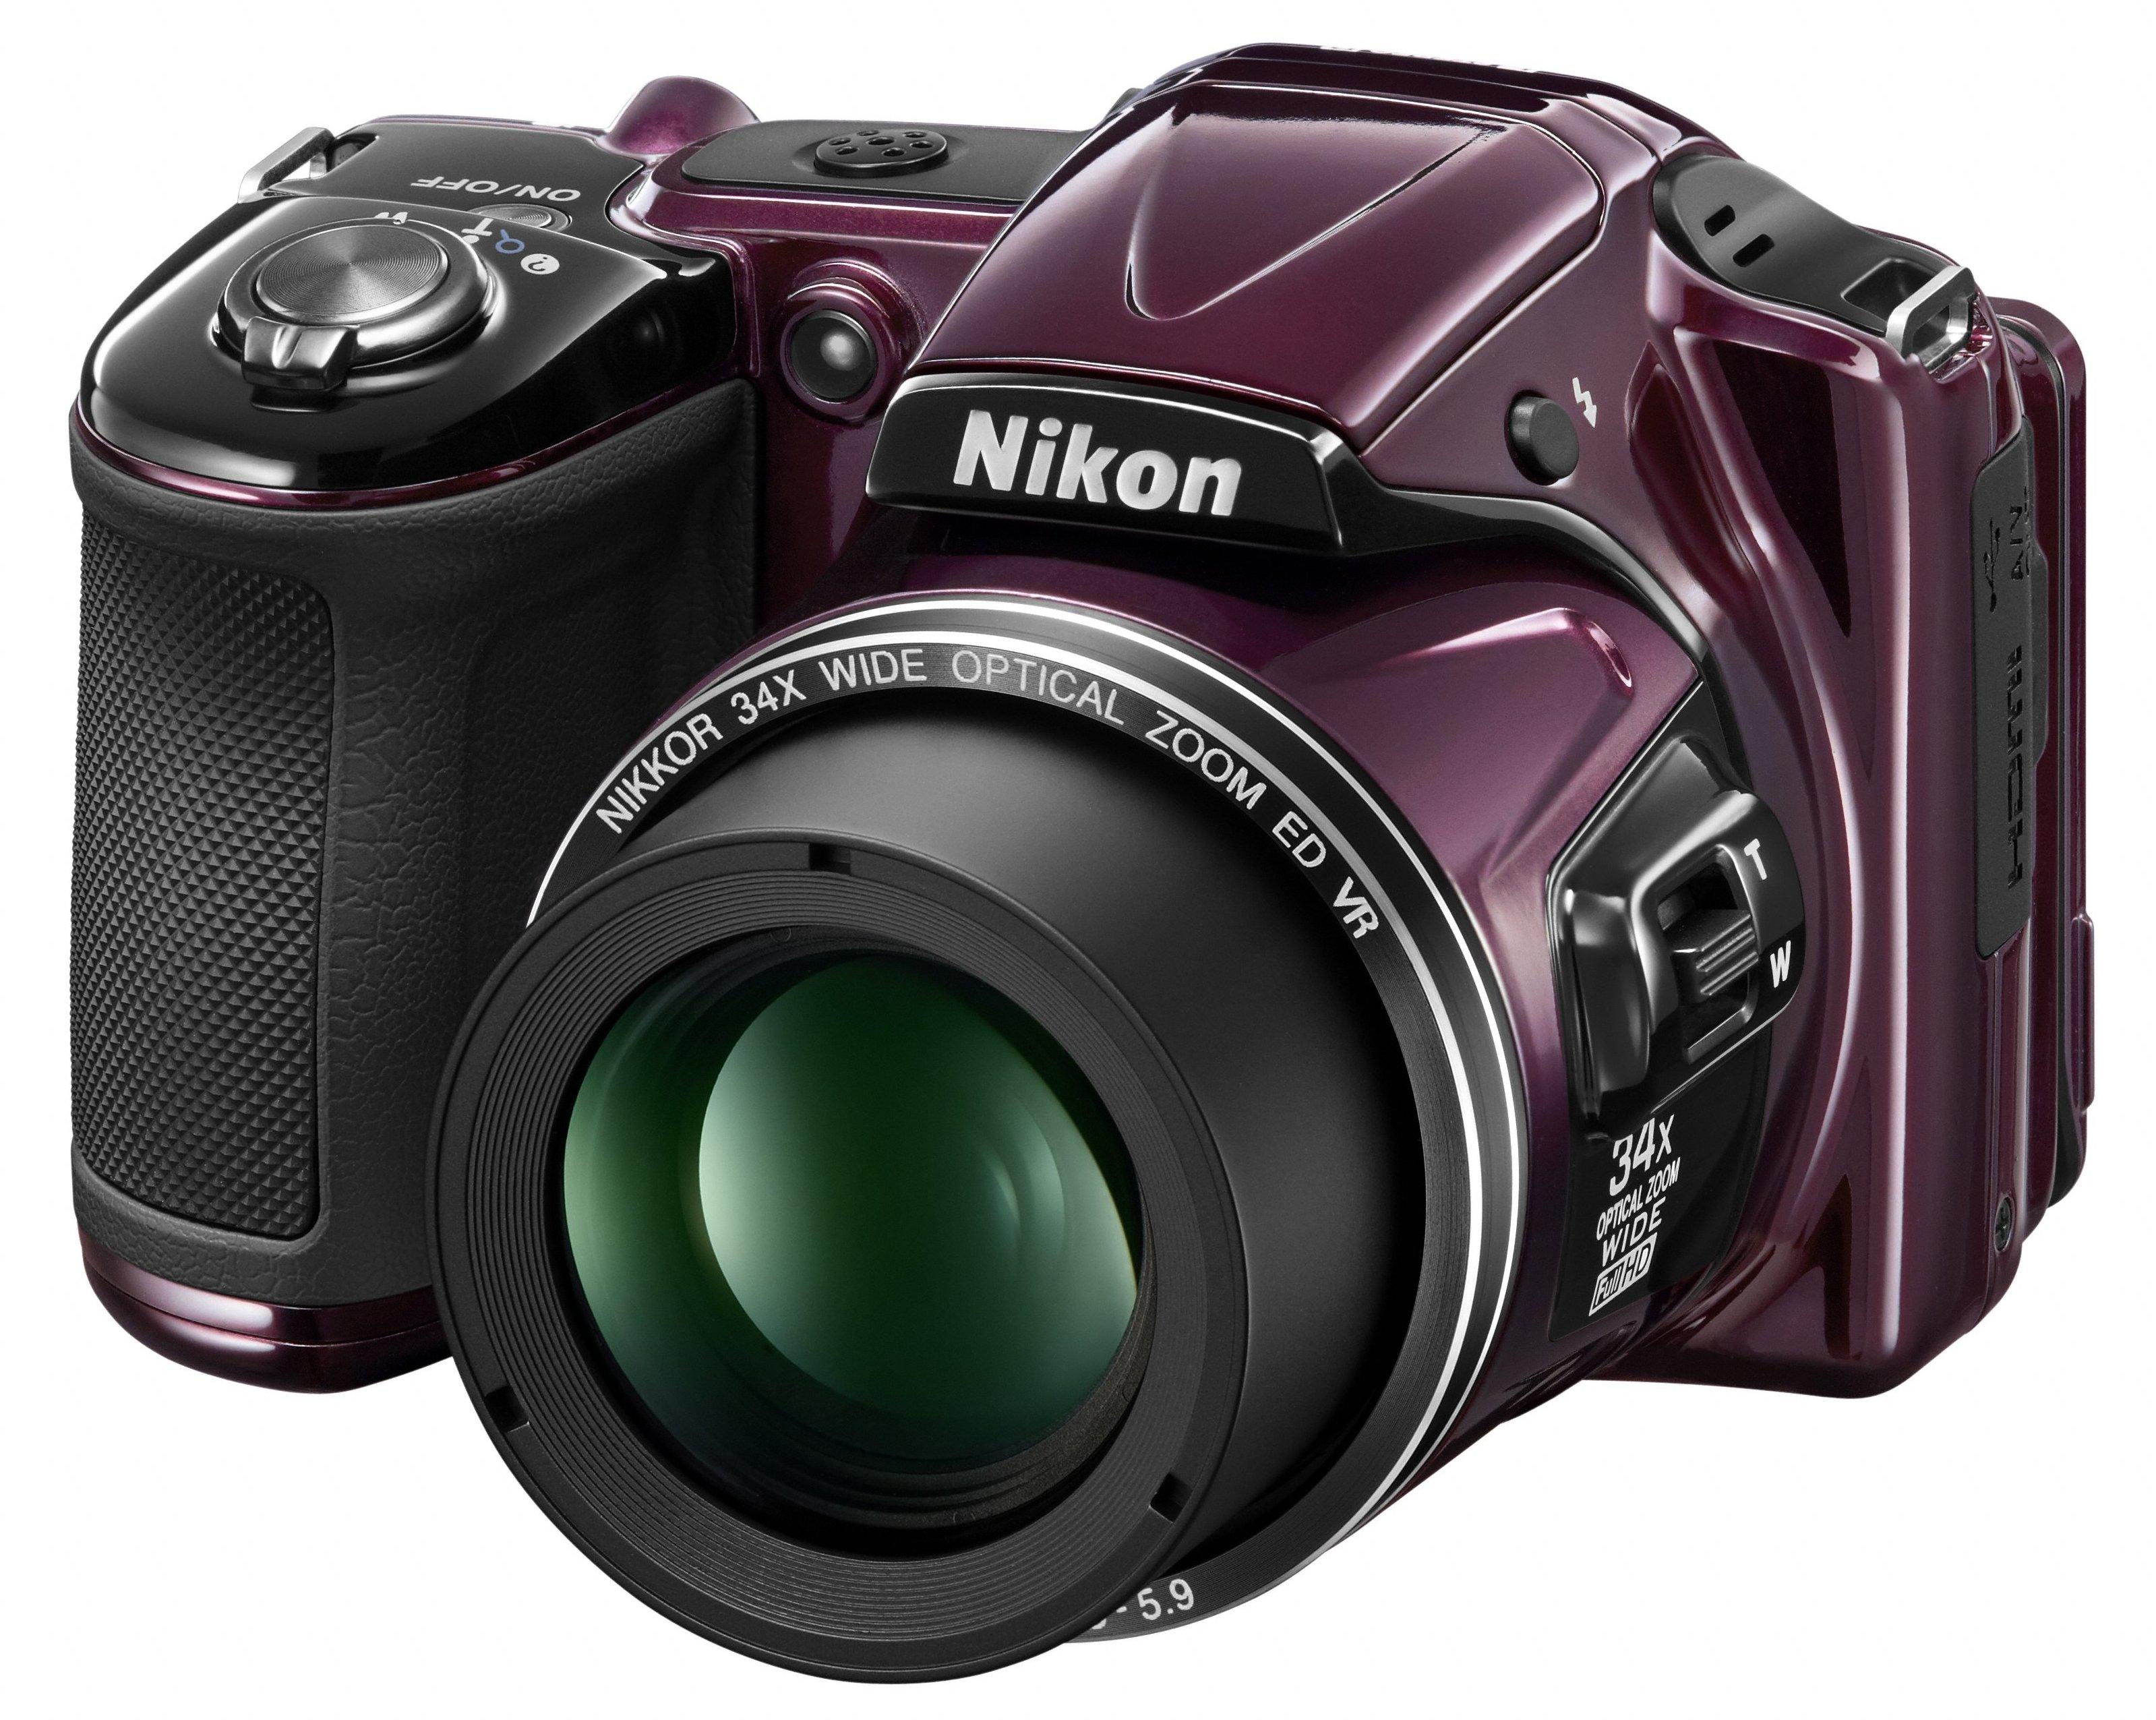 фотоаппарат nikon инструкция по применению